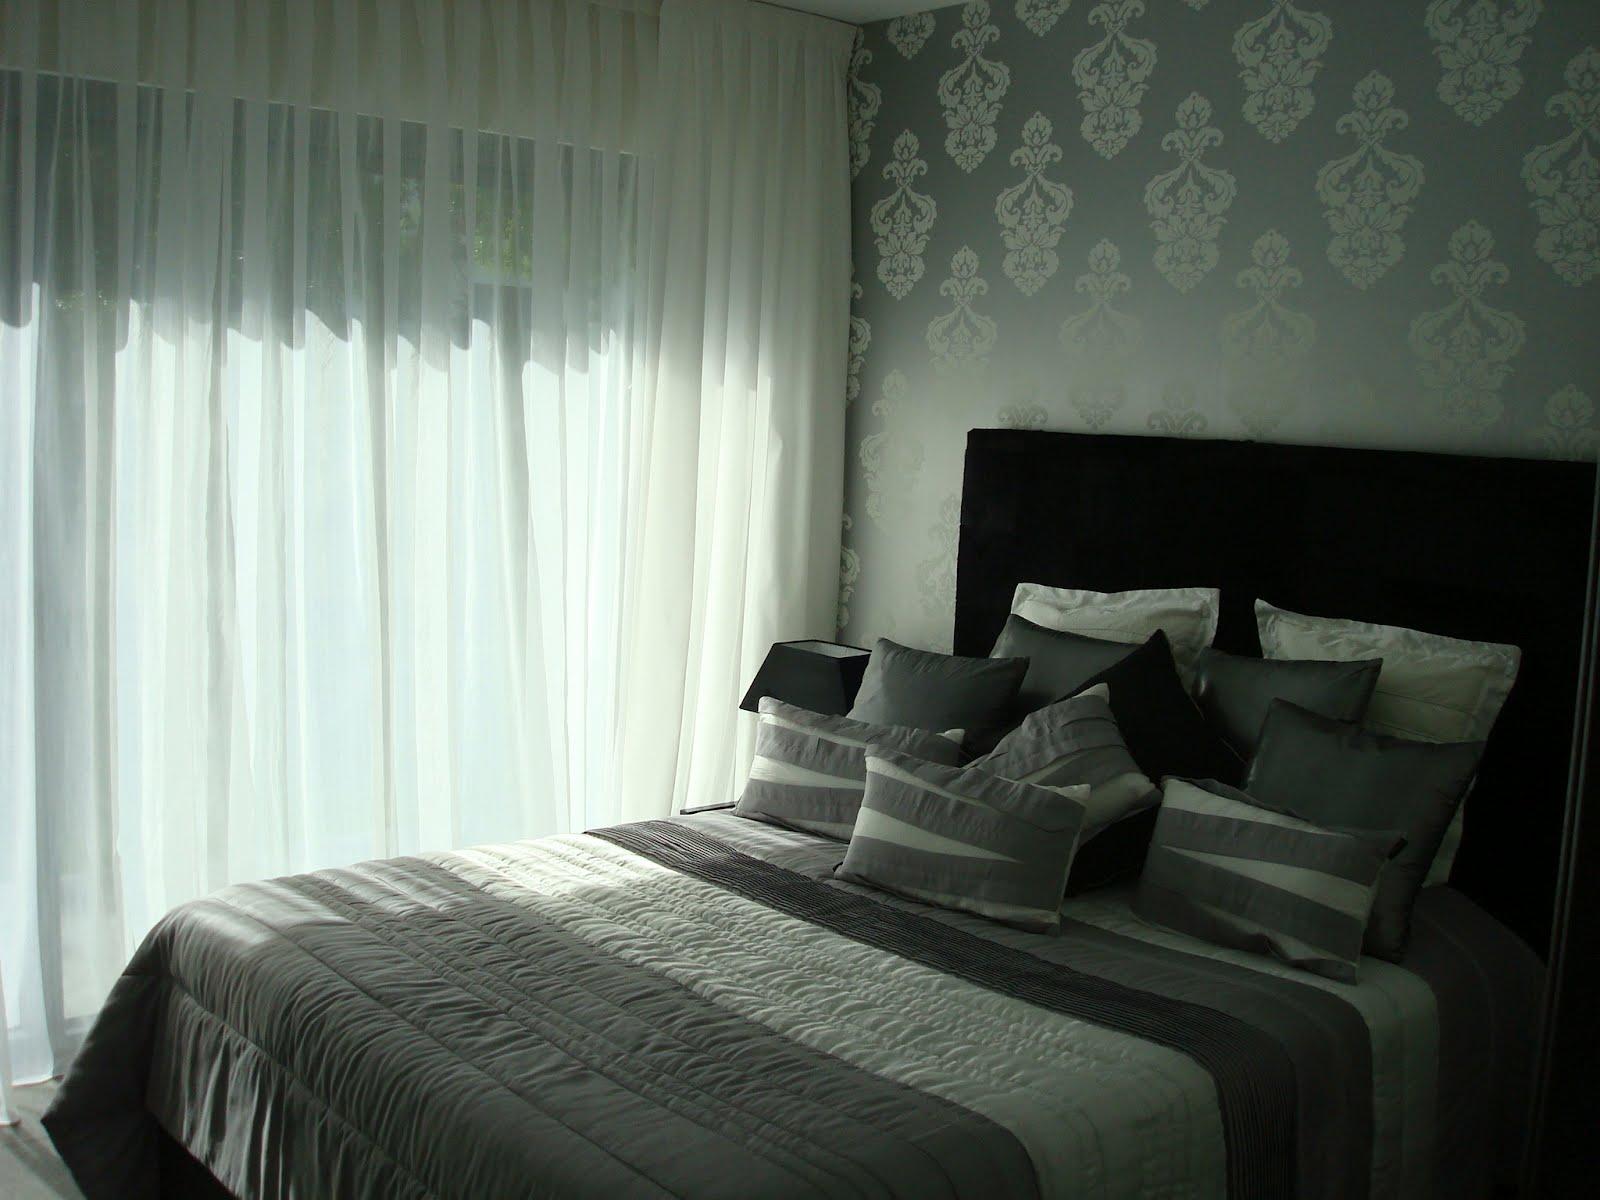 Edyta dise o decoraci n blog de decoraci n visillos cortinas - Visillos y cortinas ...